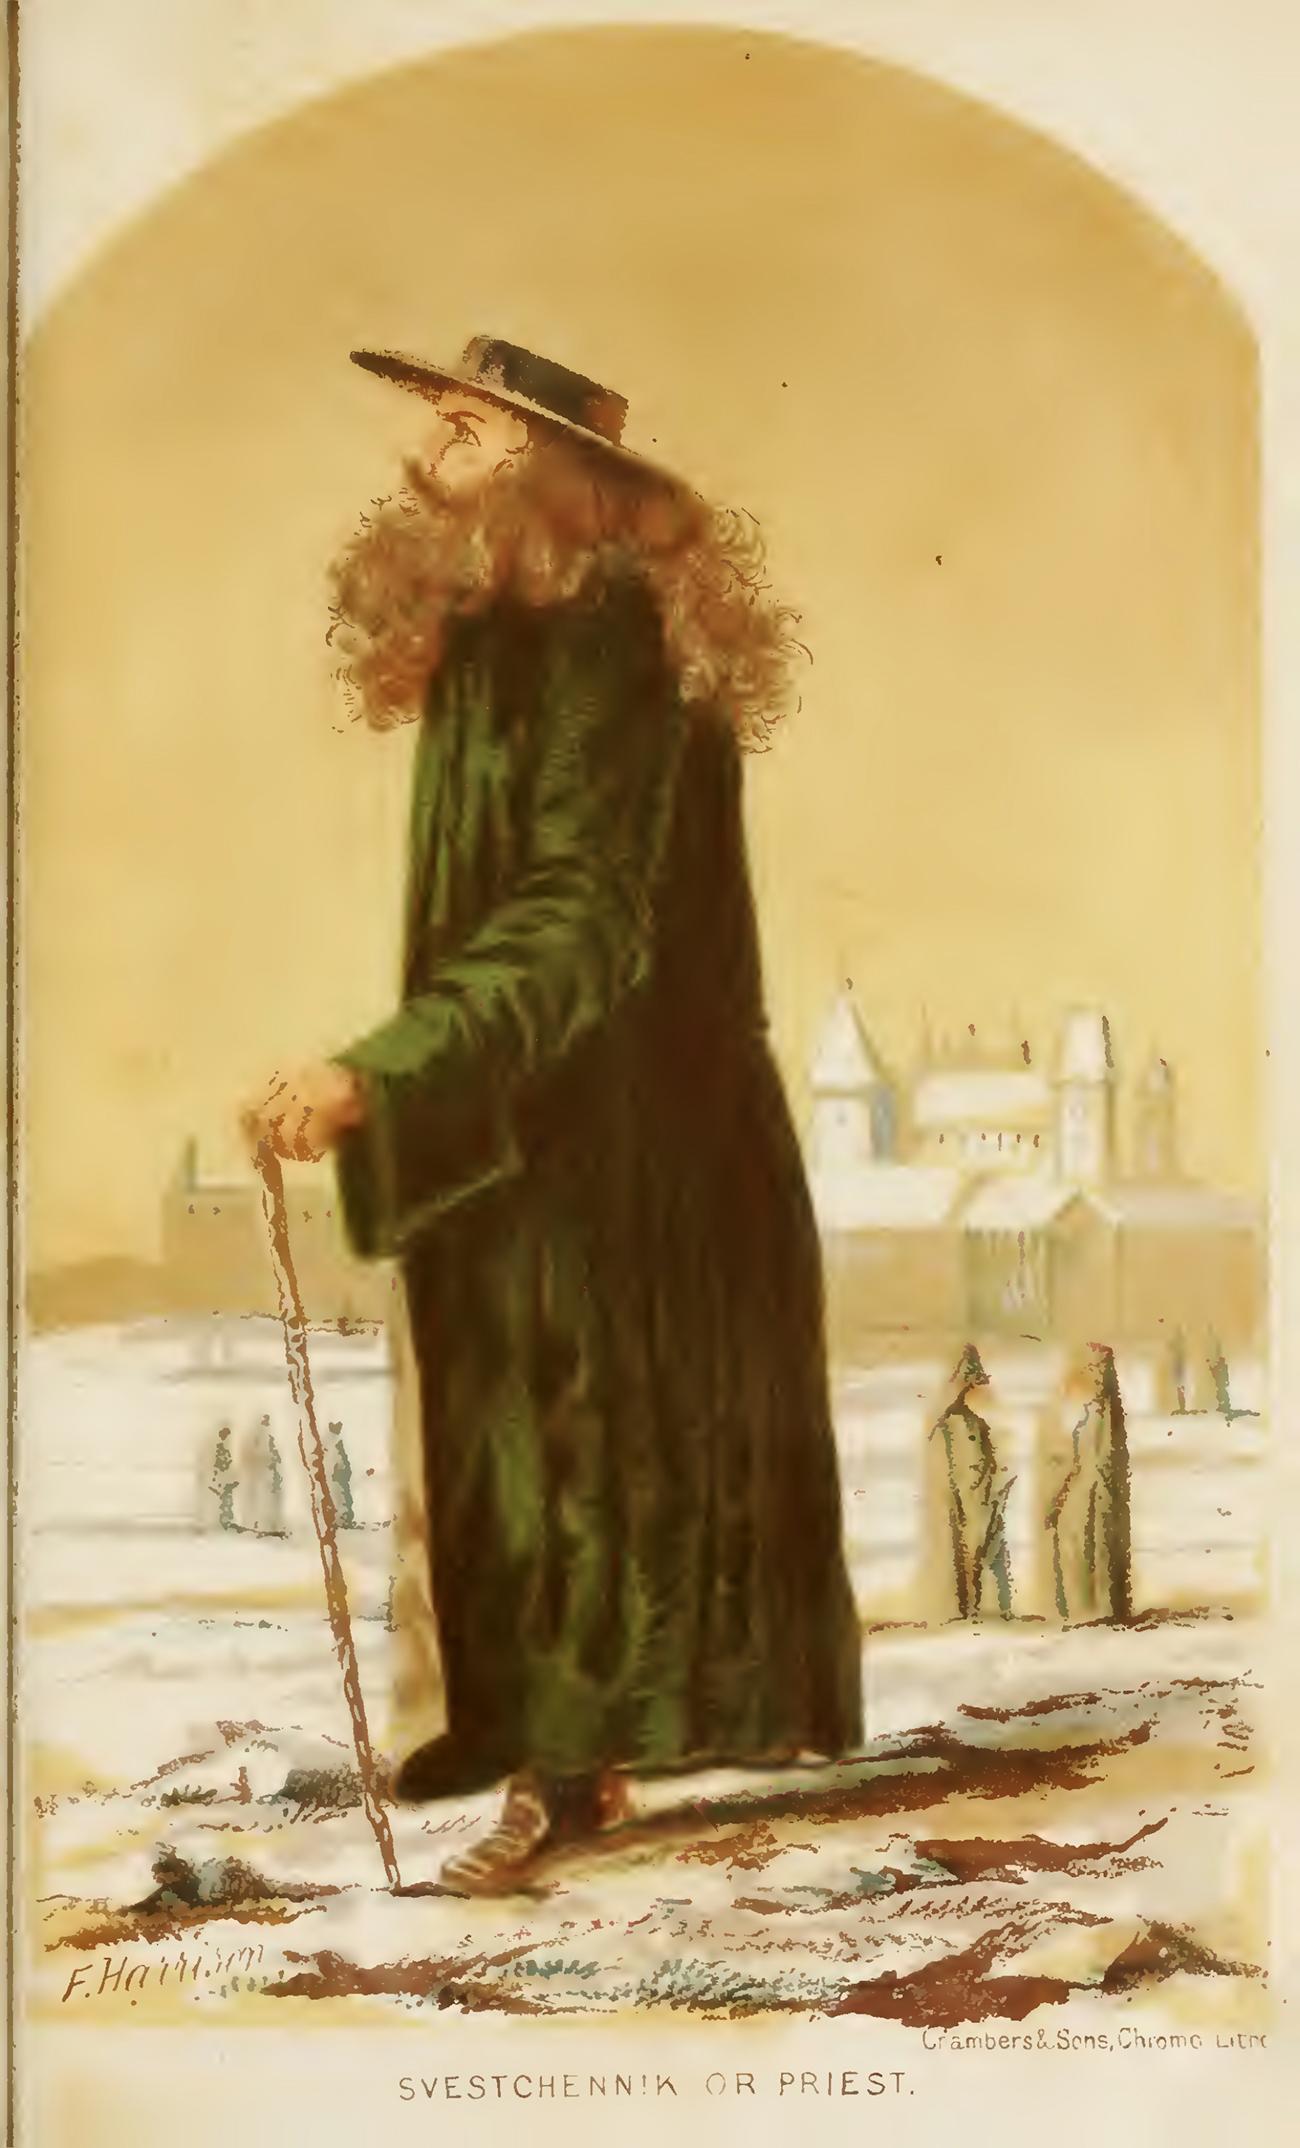 Un prêtre. Illustration tirée du livre Note d'un séjour de 9 ans en Russie de 1844 à 1853: avec les remarques des tsars Nicolas I et Alexandre II par Robert Harrison, publié en 1855.n